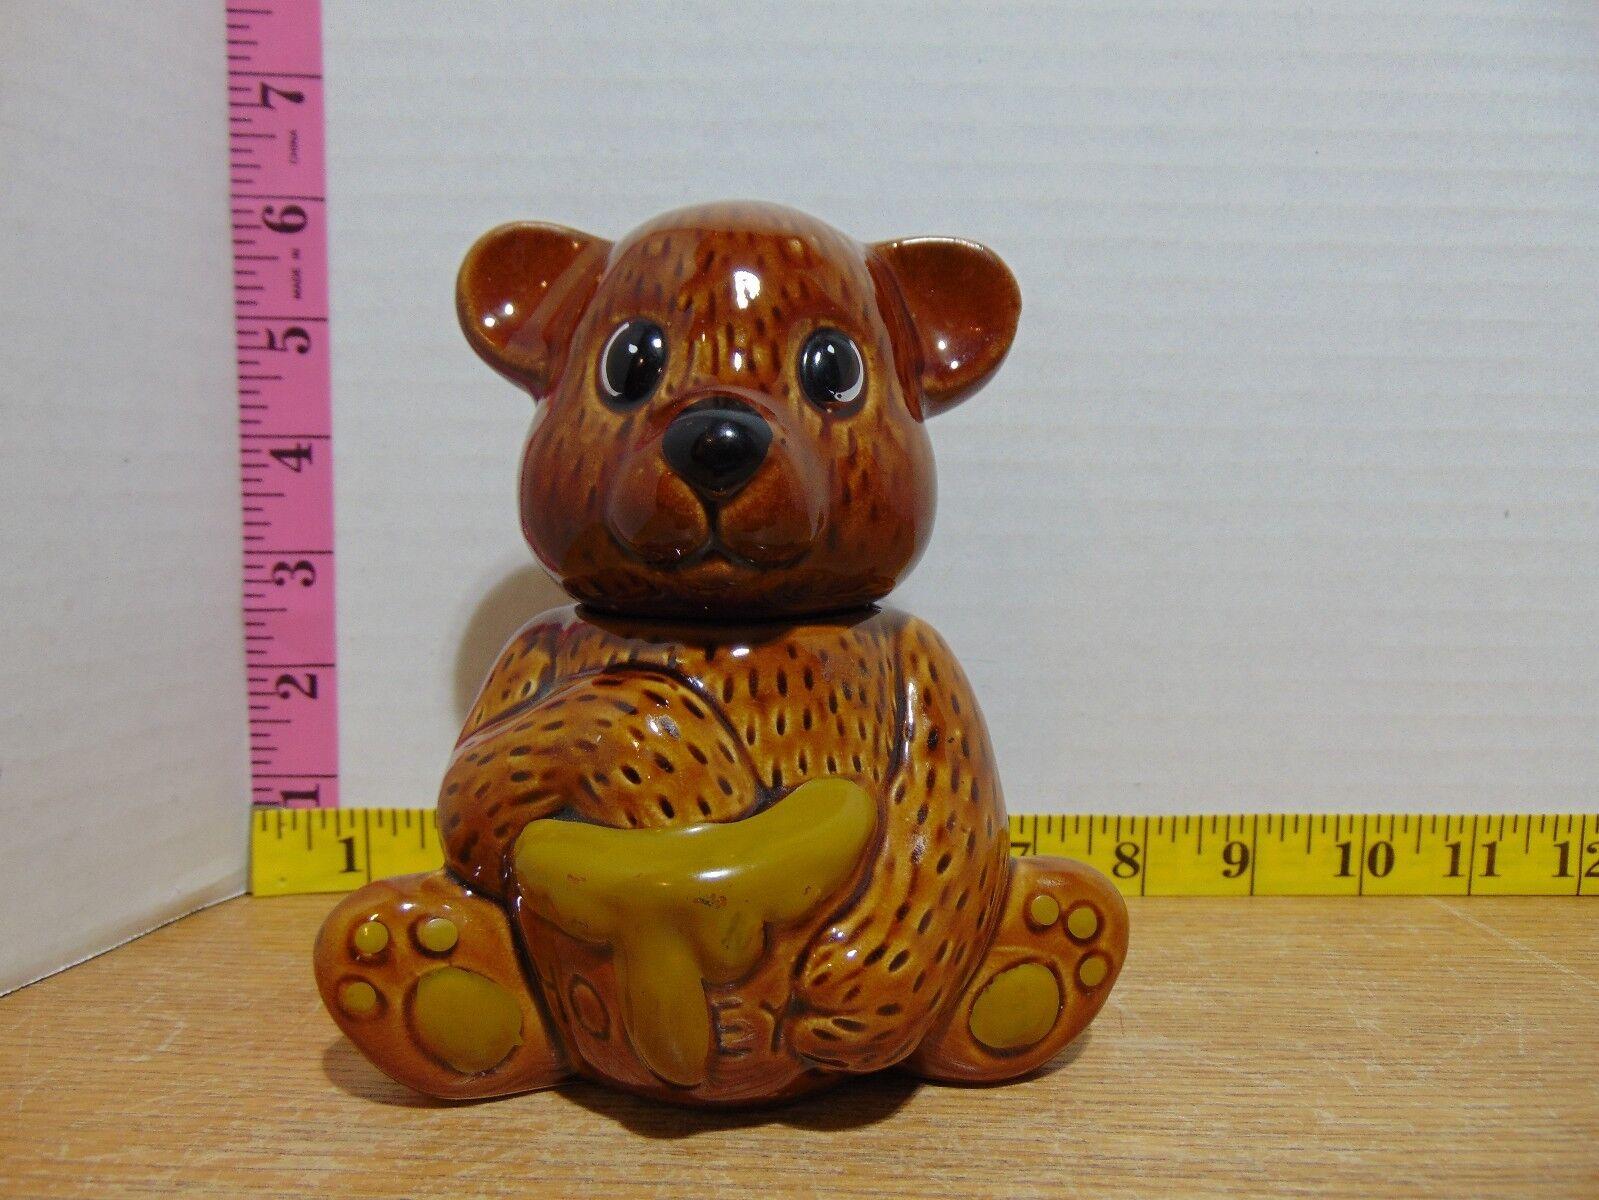 Brown Honey Bear Pot Bear Holding A Honey Pot - No Dipper 6  - $7.00